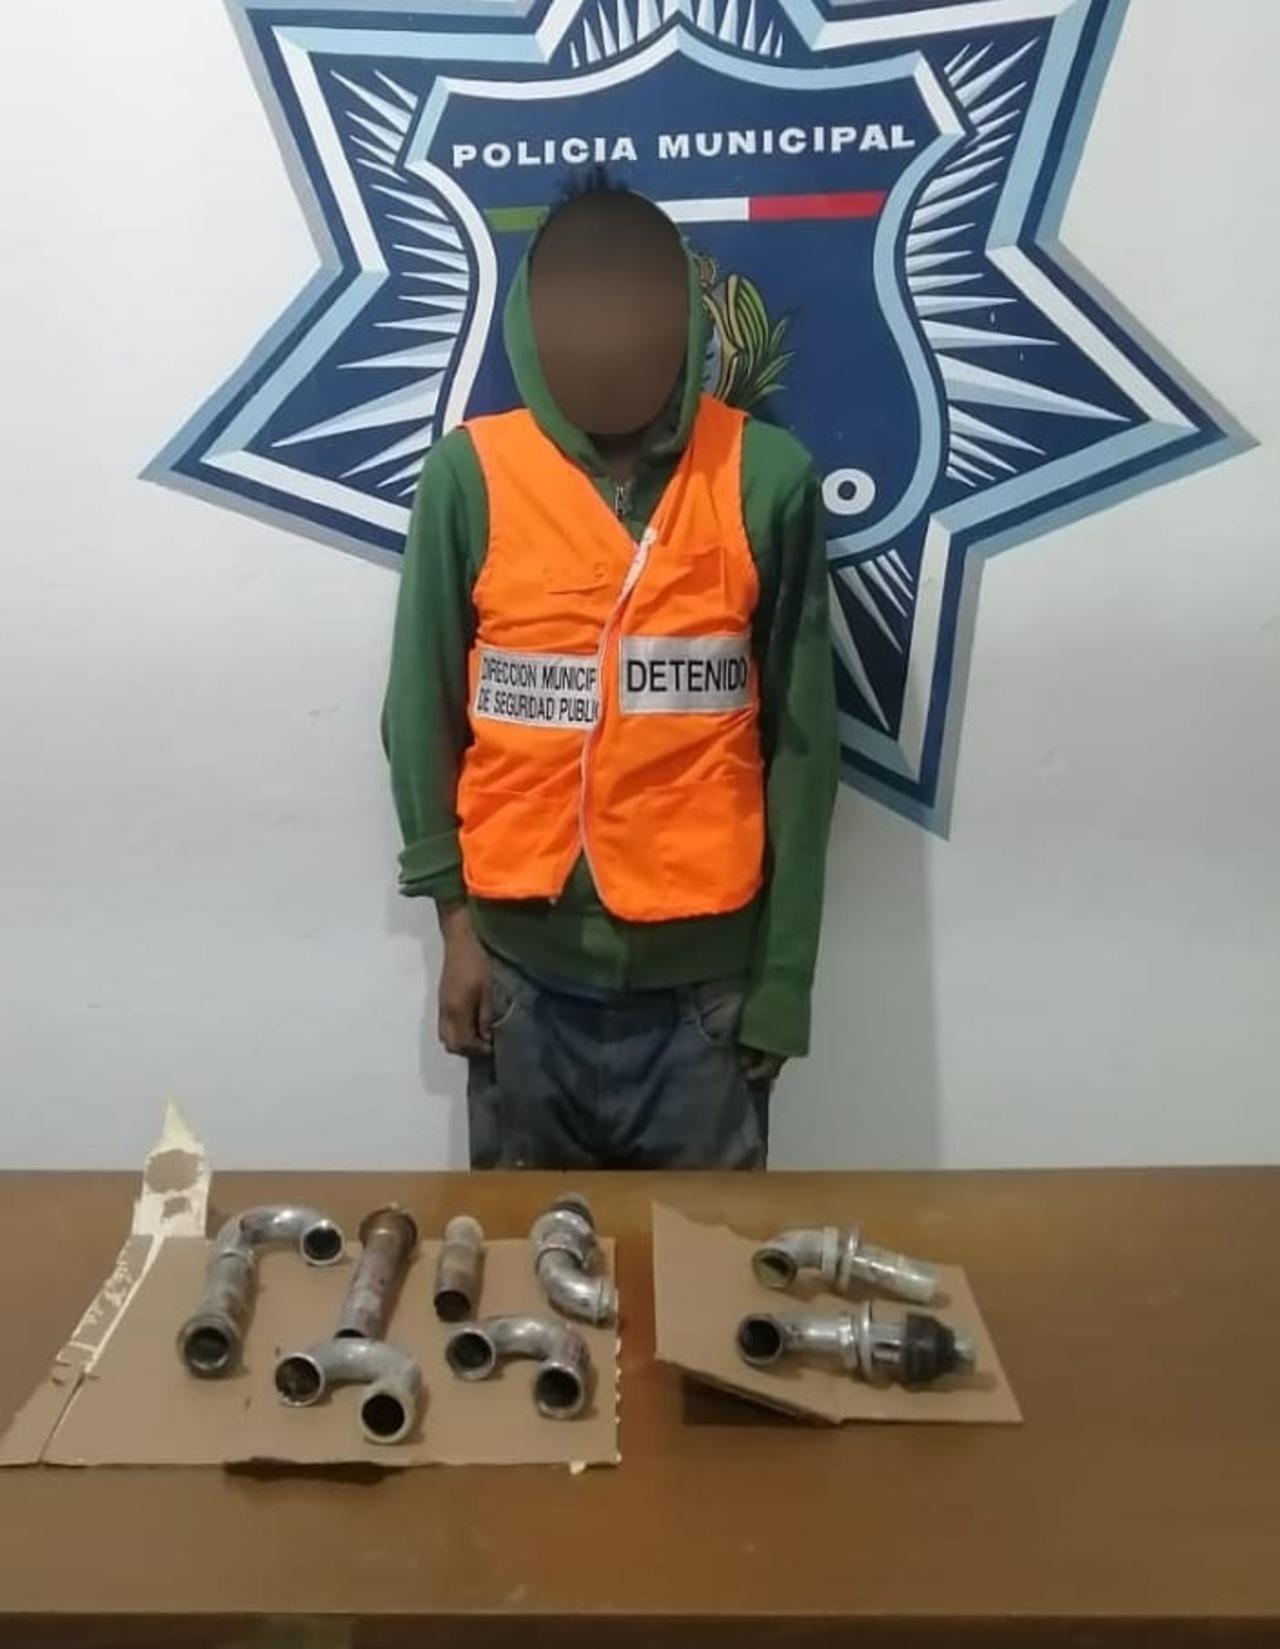 Siguen los robos; hubo 2 detenidos